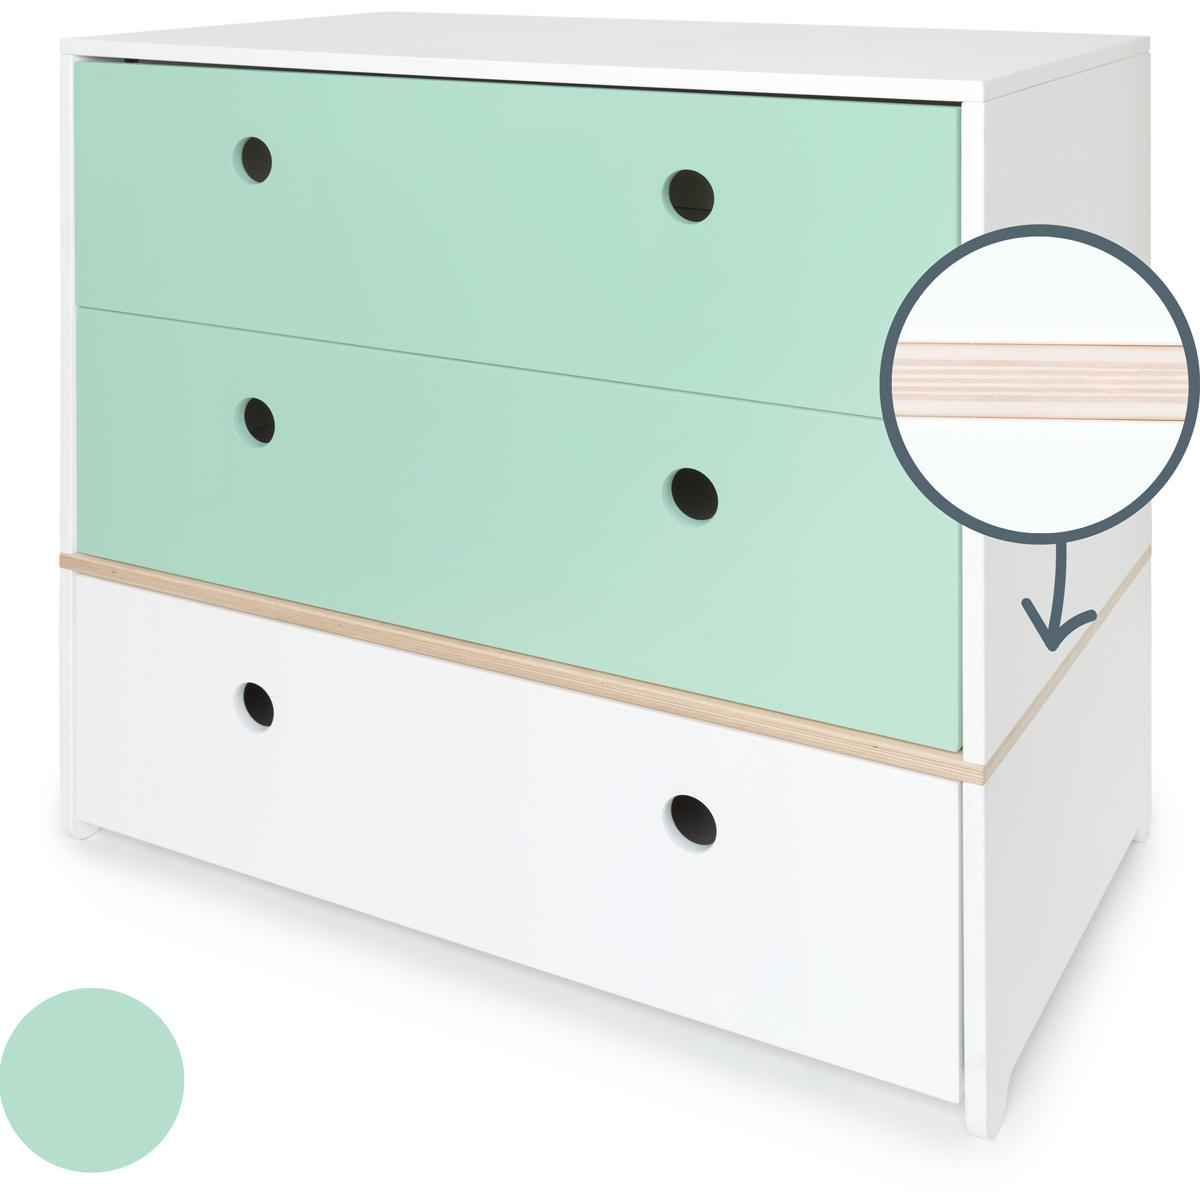 Commode COLORFLEX façades tiroirs mint-mint-white